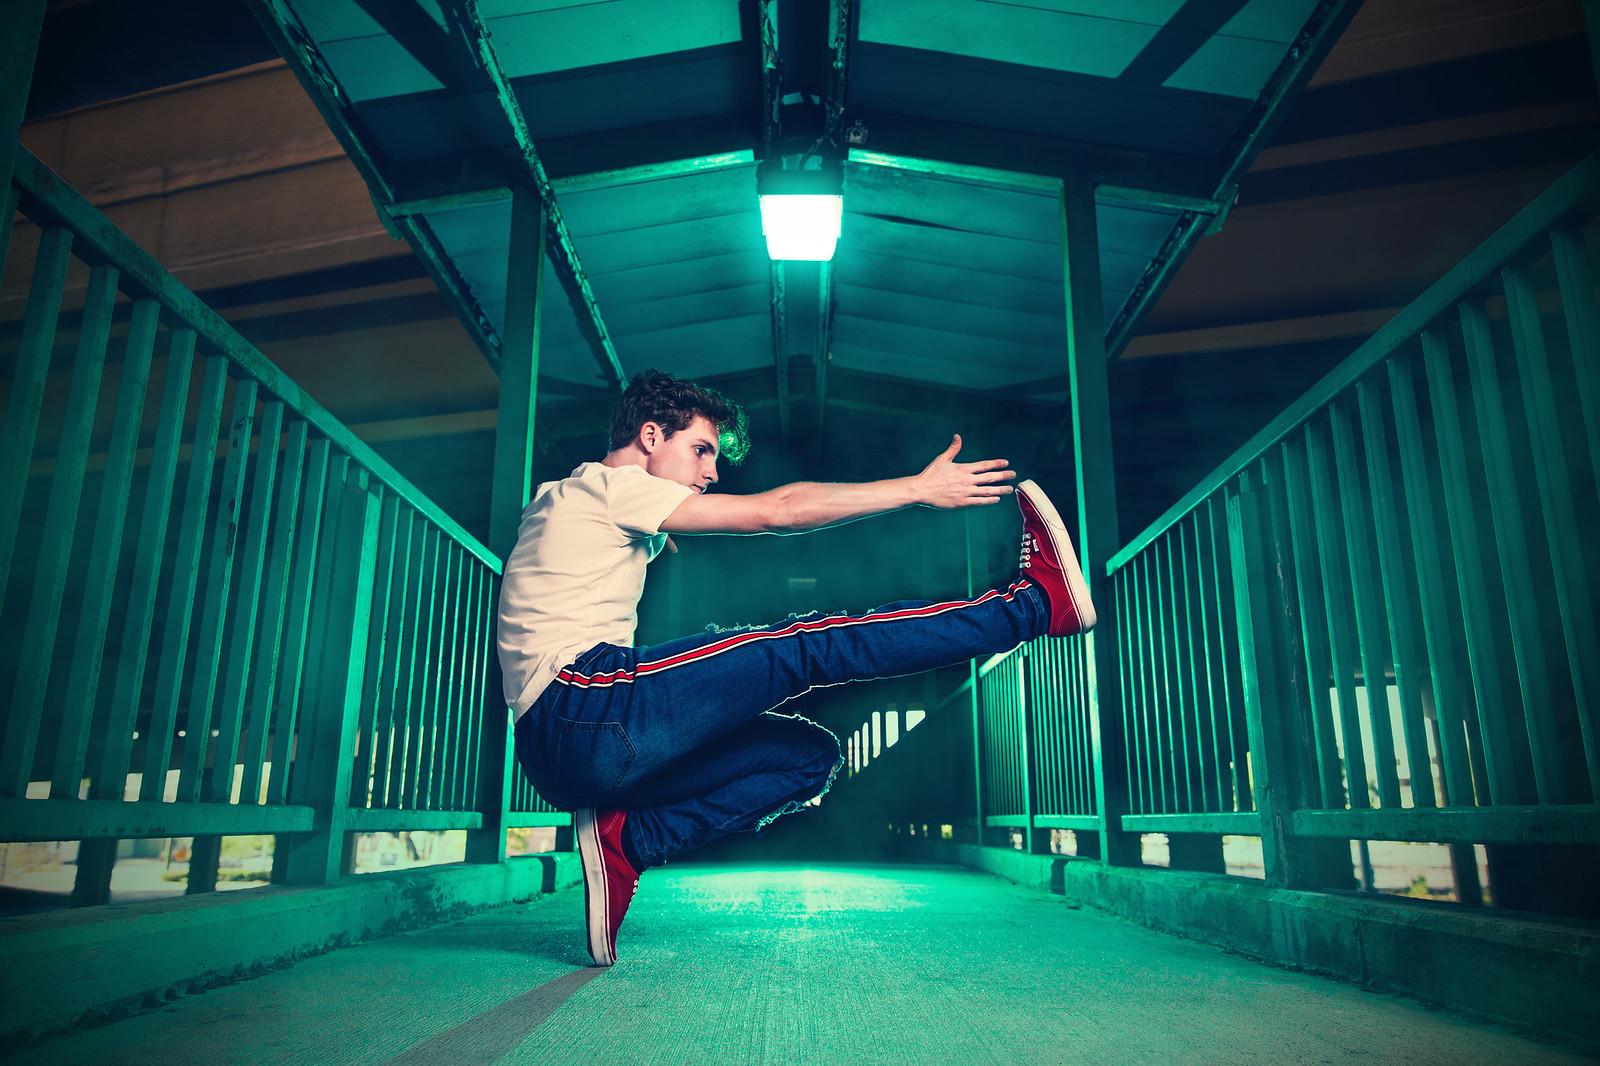 adam-szarmack-jacksonville-dance-photography-9.jpg